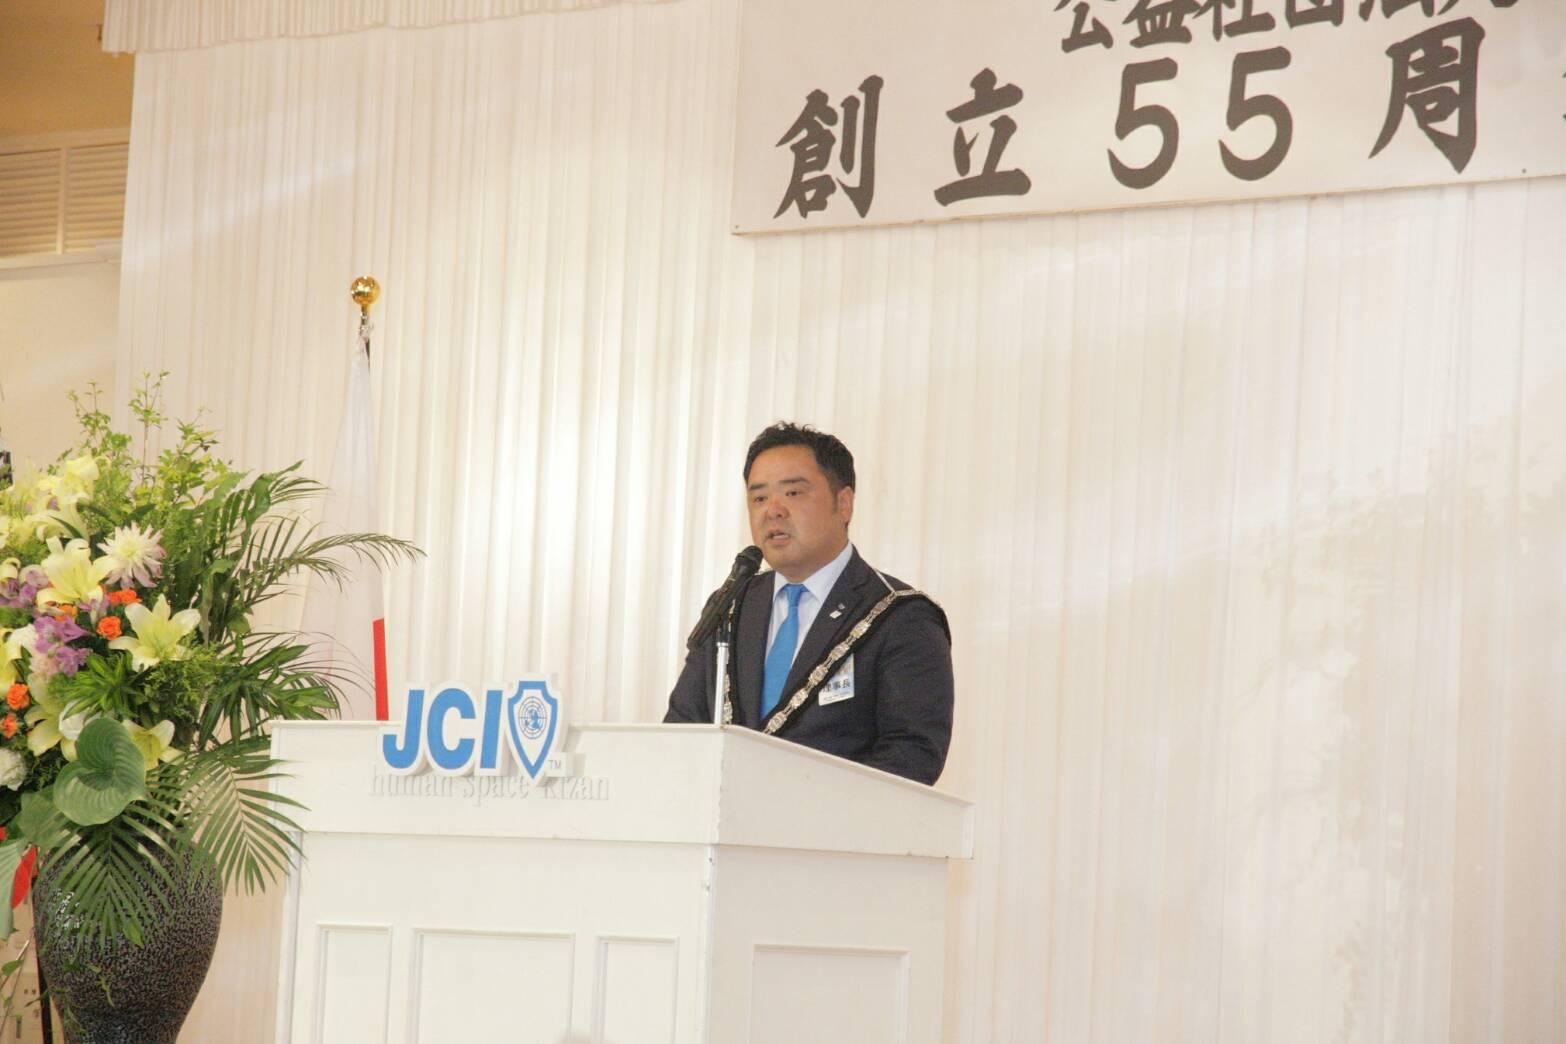 55周年記念 事業報告